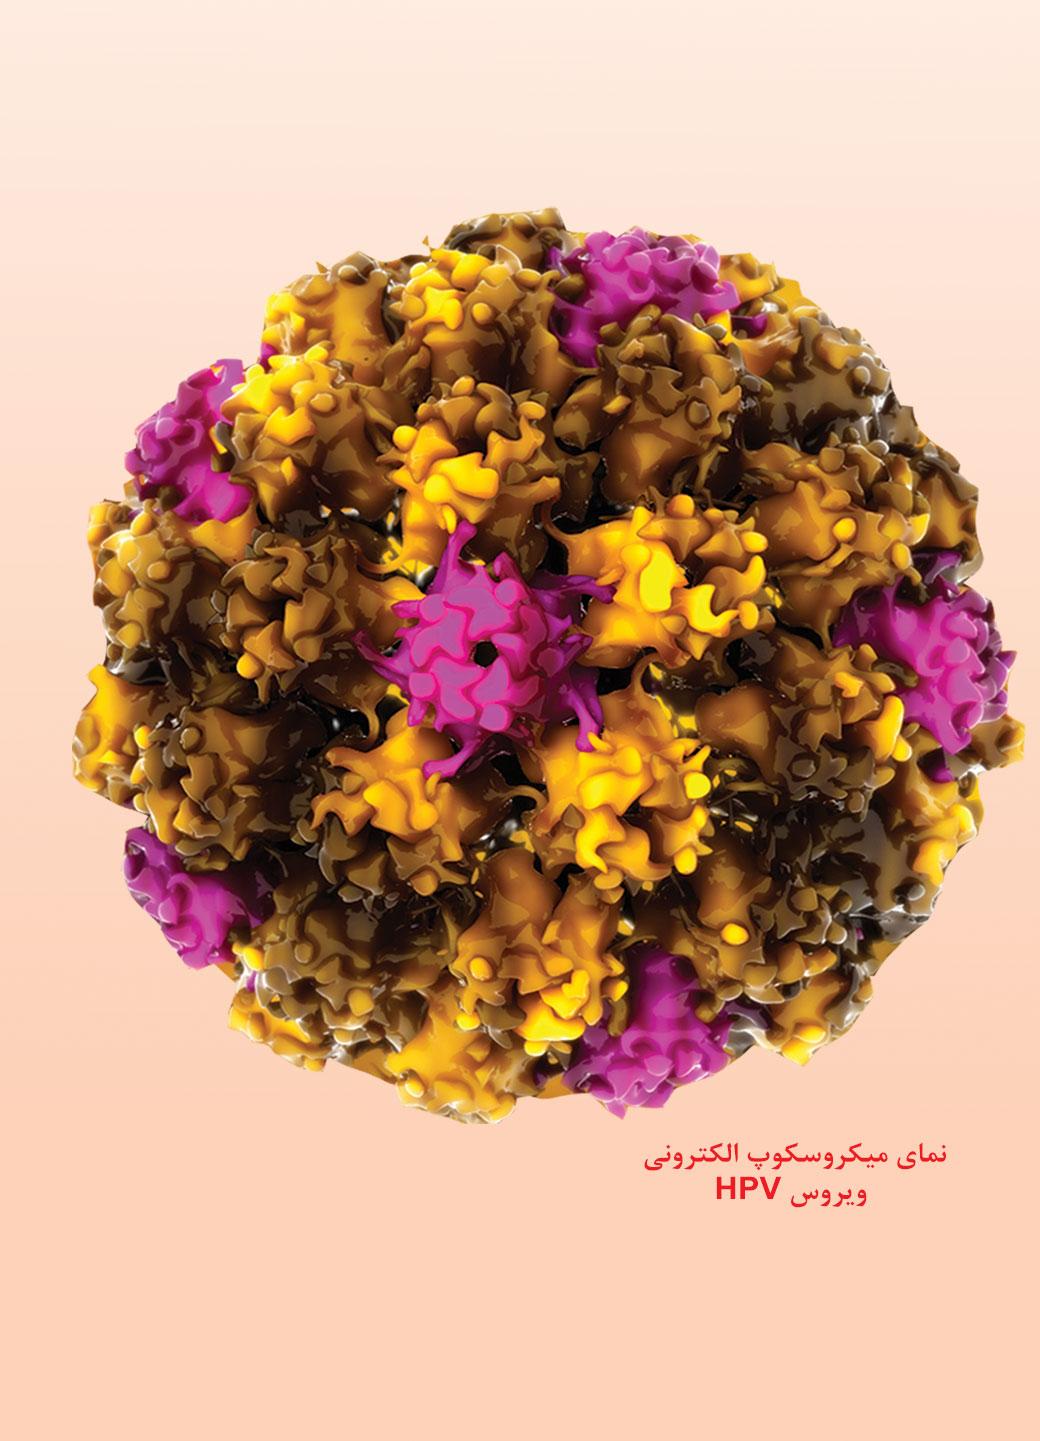 هشدار نسبت به شیوع بالای ویروس HPV در ایران